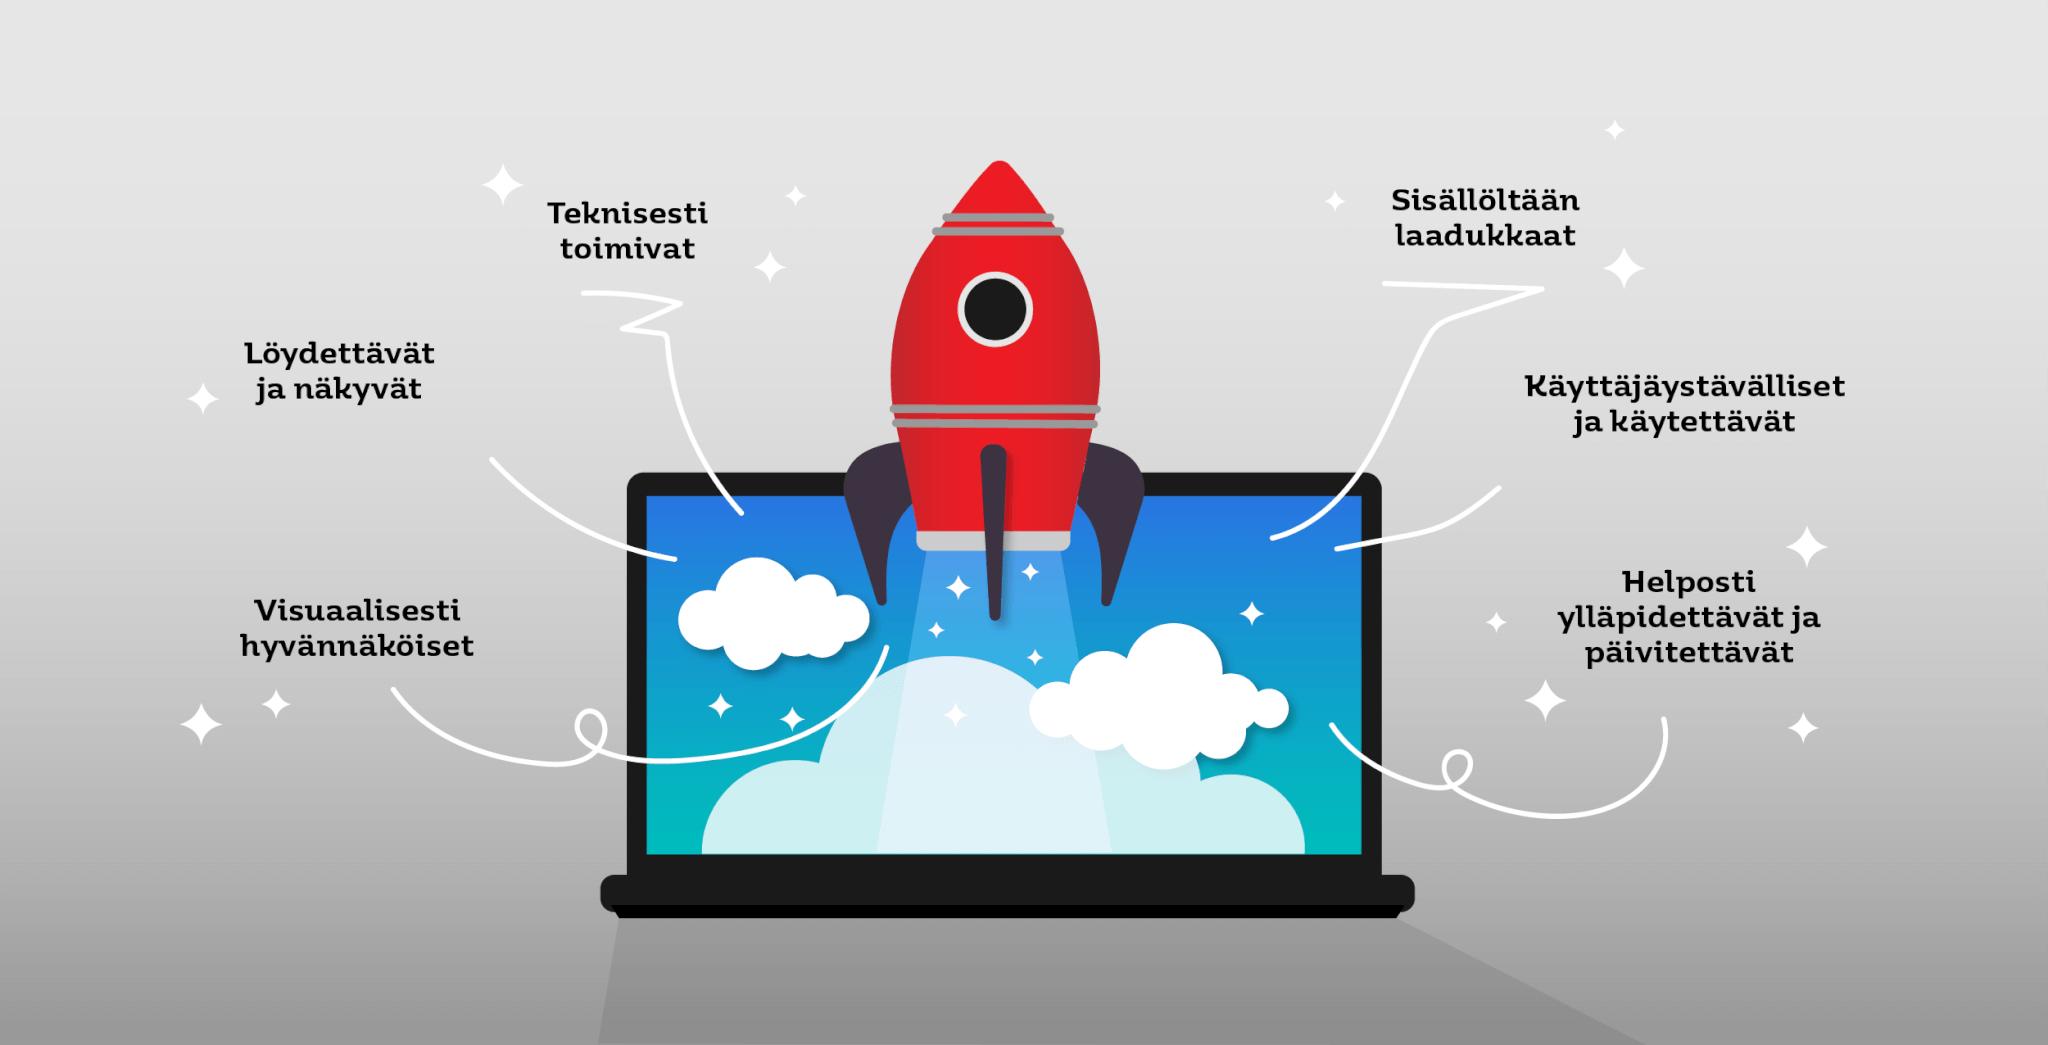 Design Inspis, laadukkaat, ammattimaiset verkkosivut yritykselle, grafiikkakuva